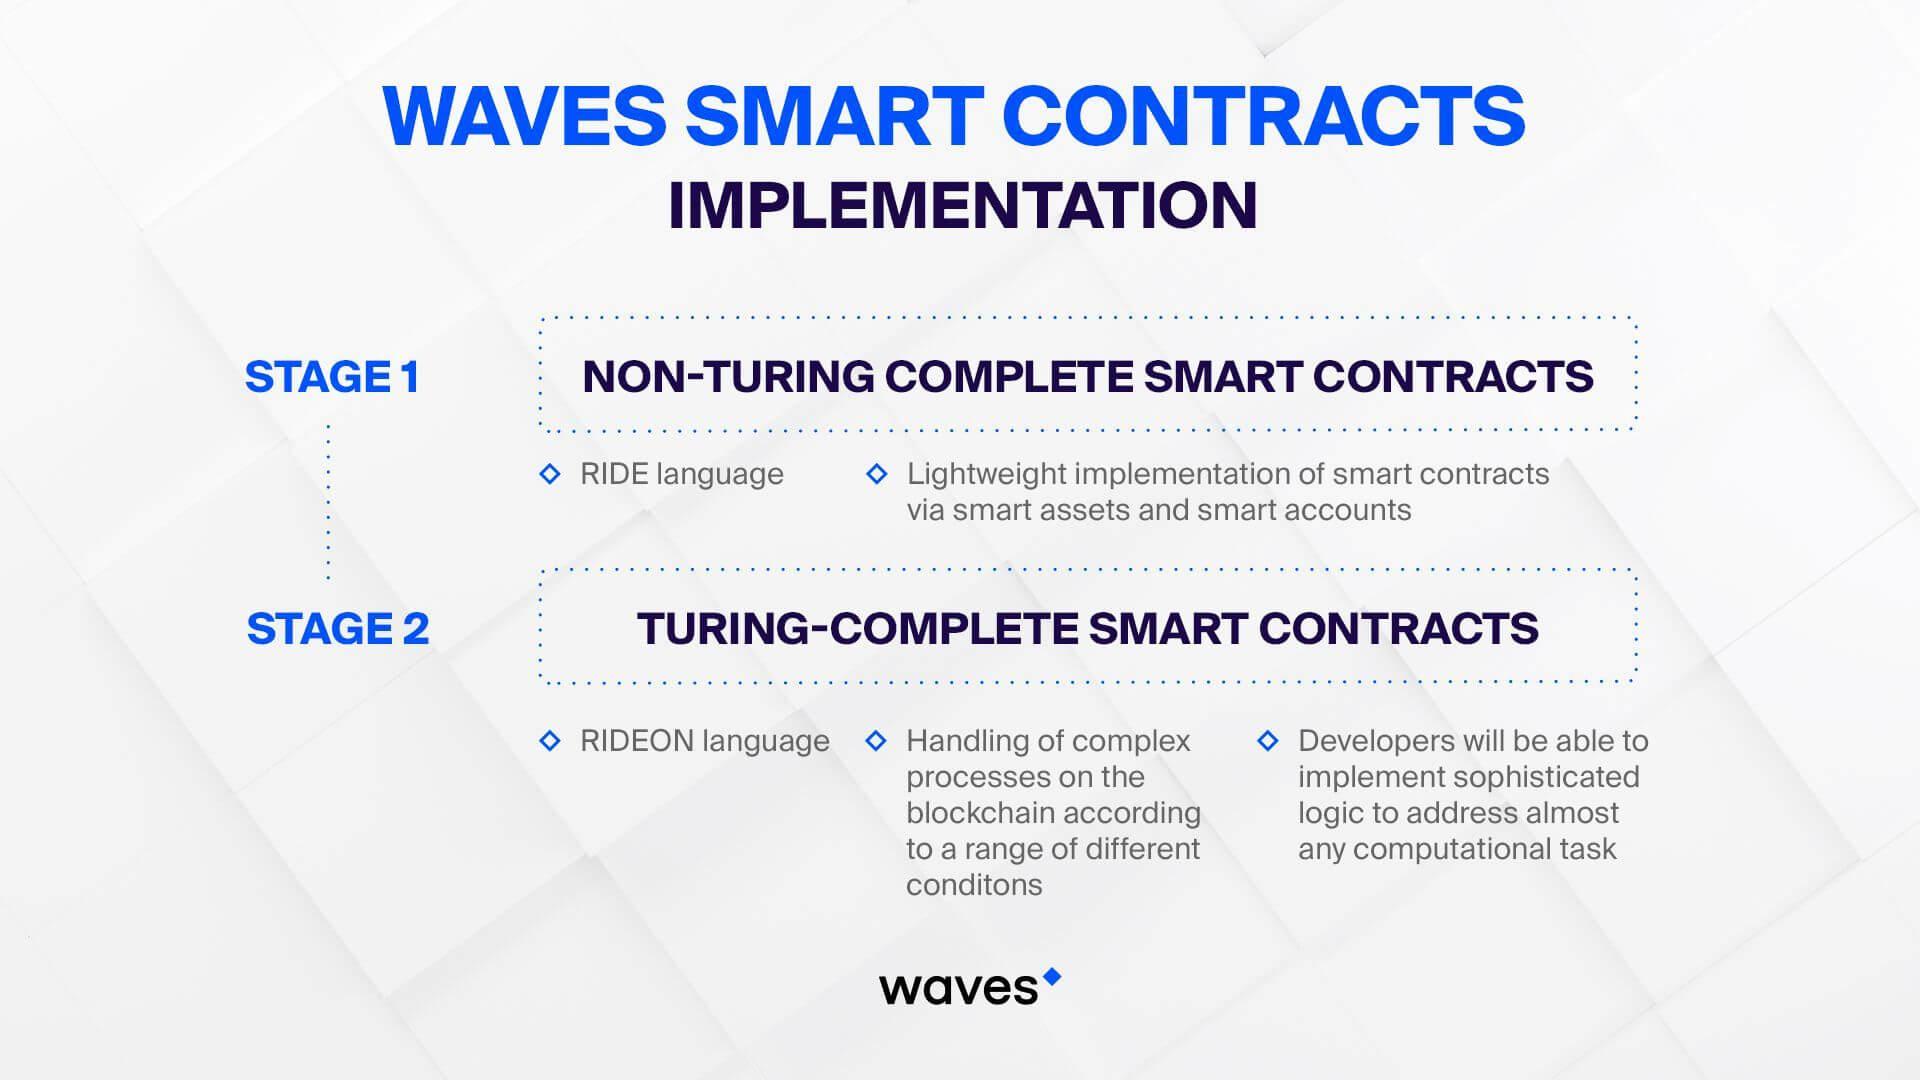 Implantação de contratos inteligentes de ondas